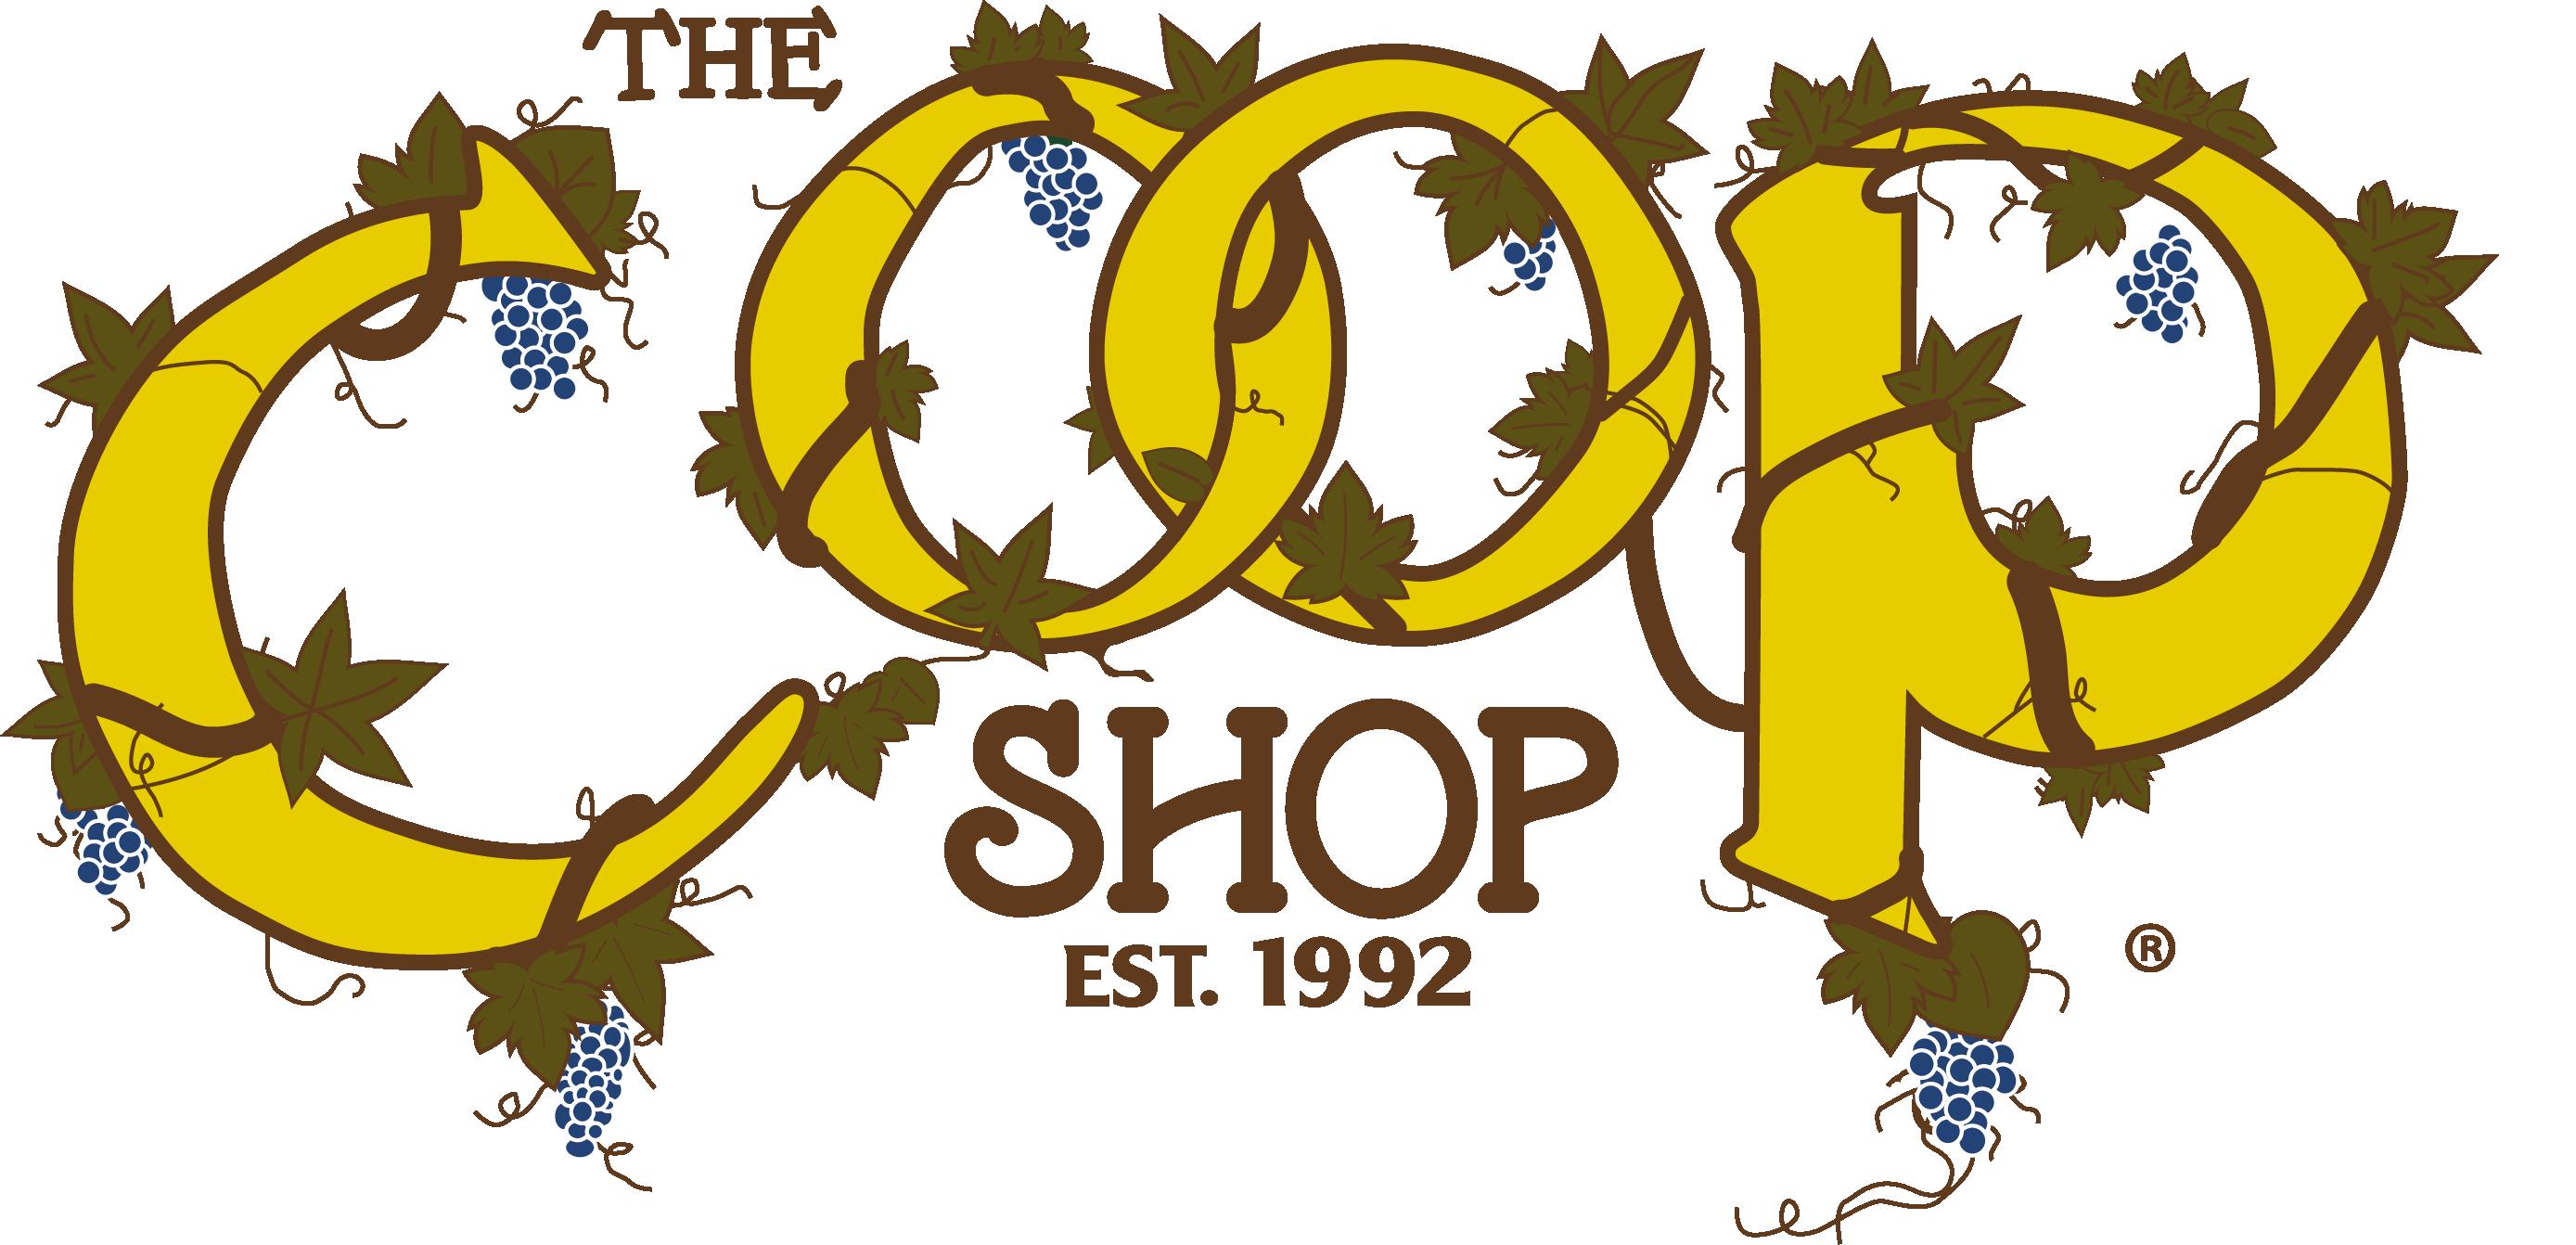 The CoOp Shop